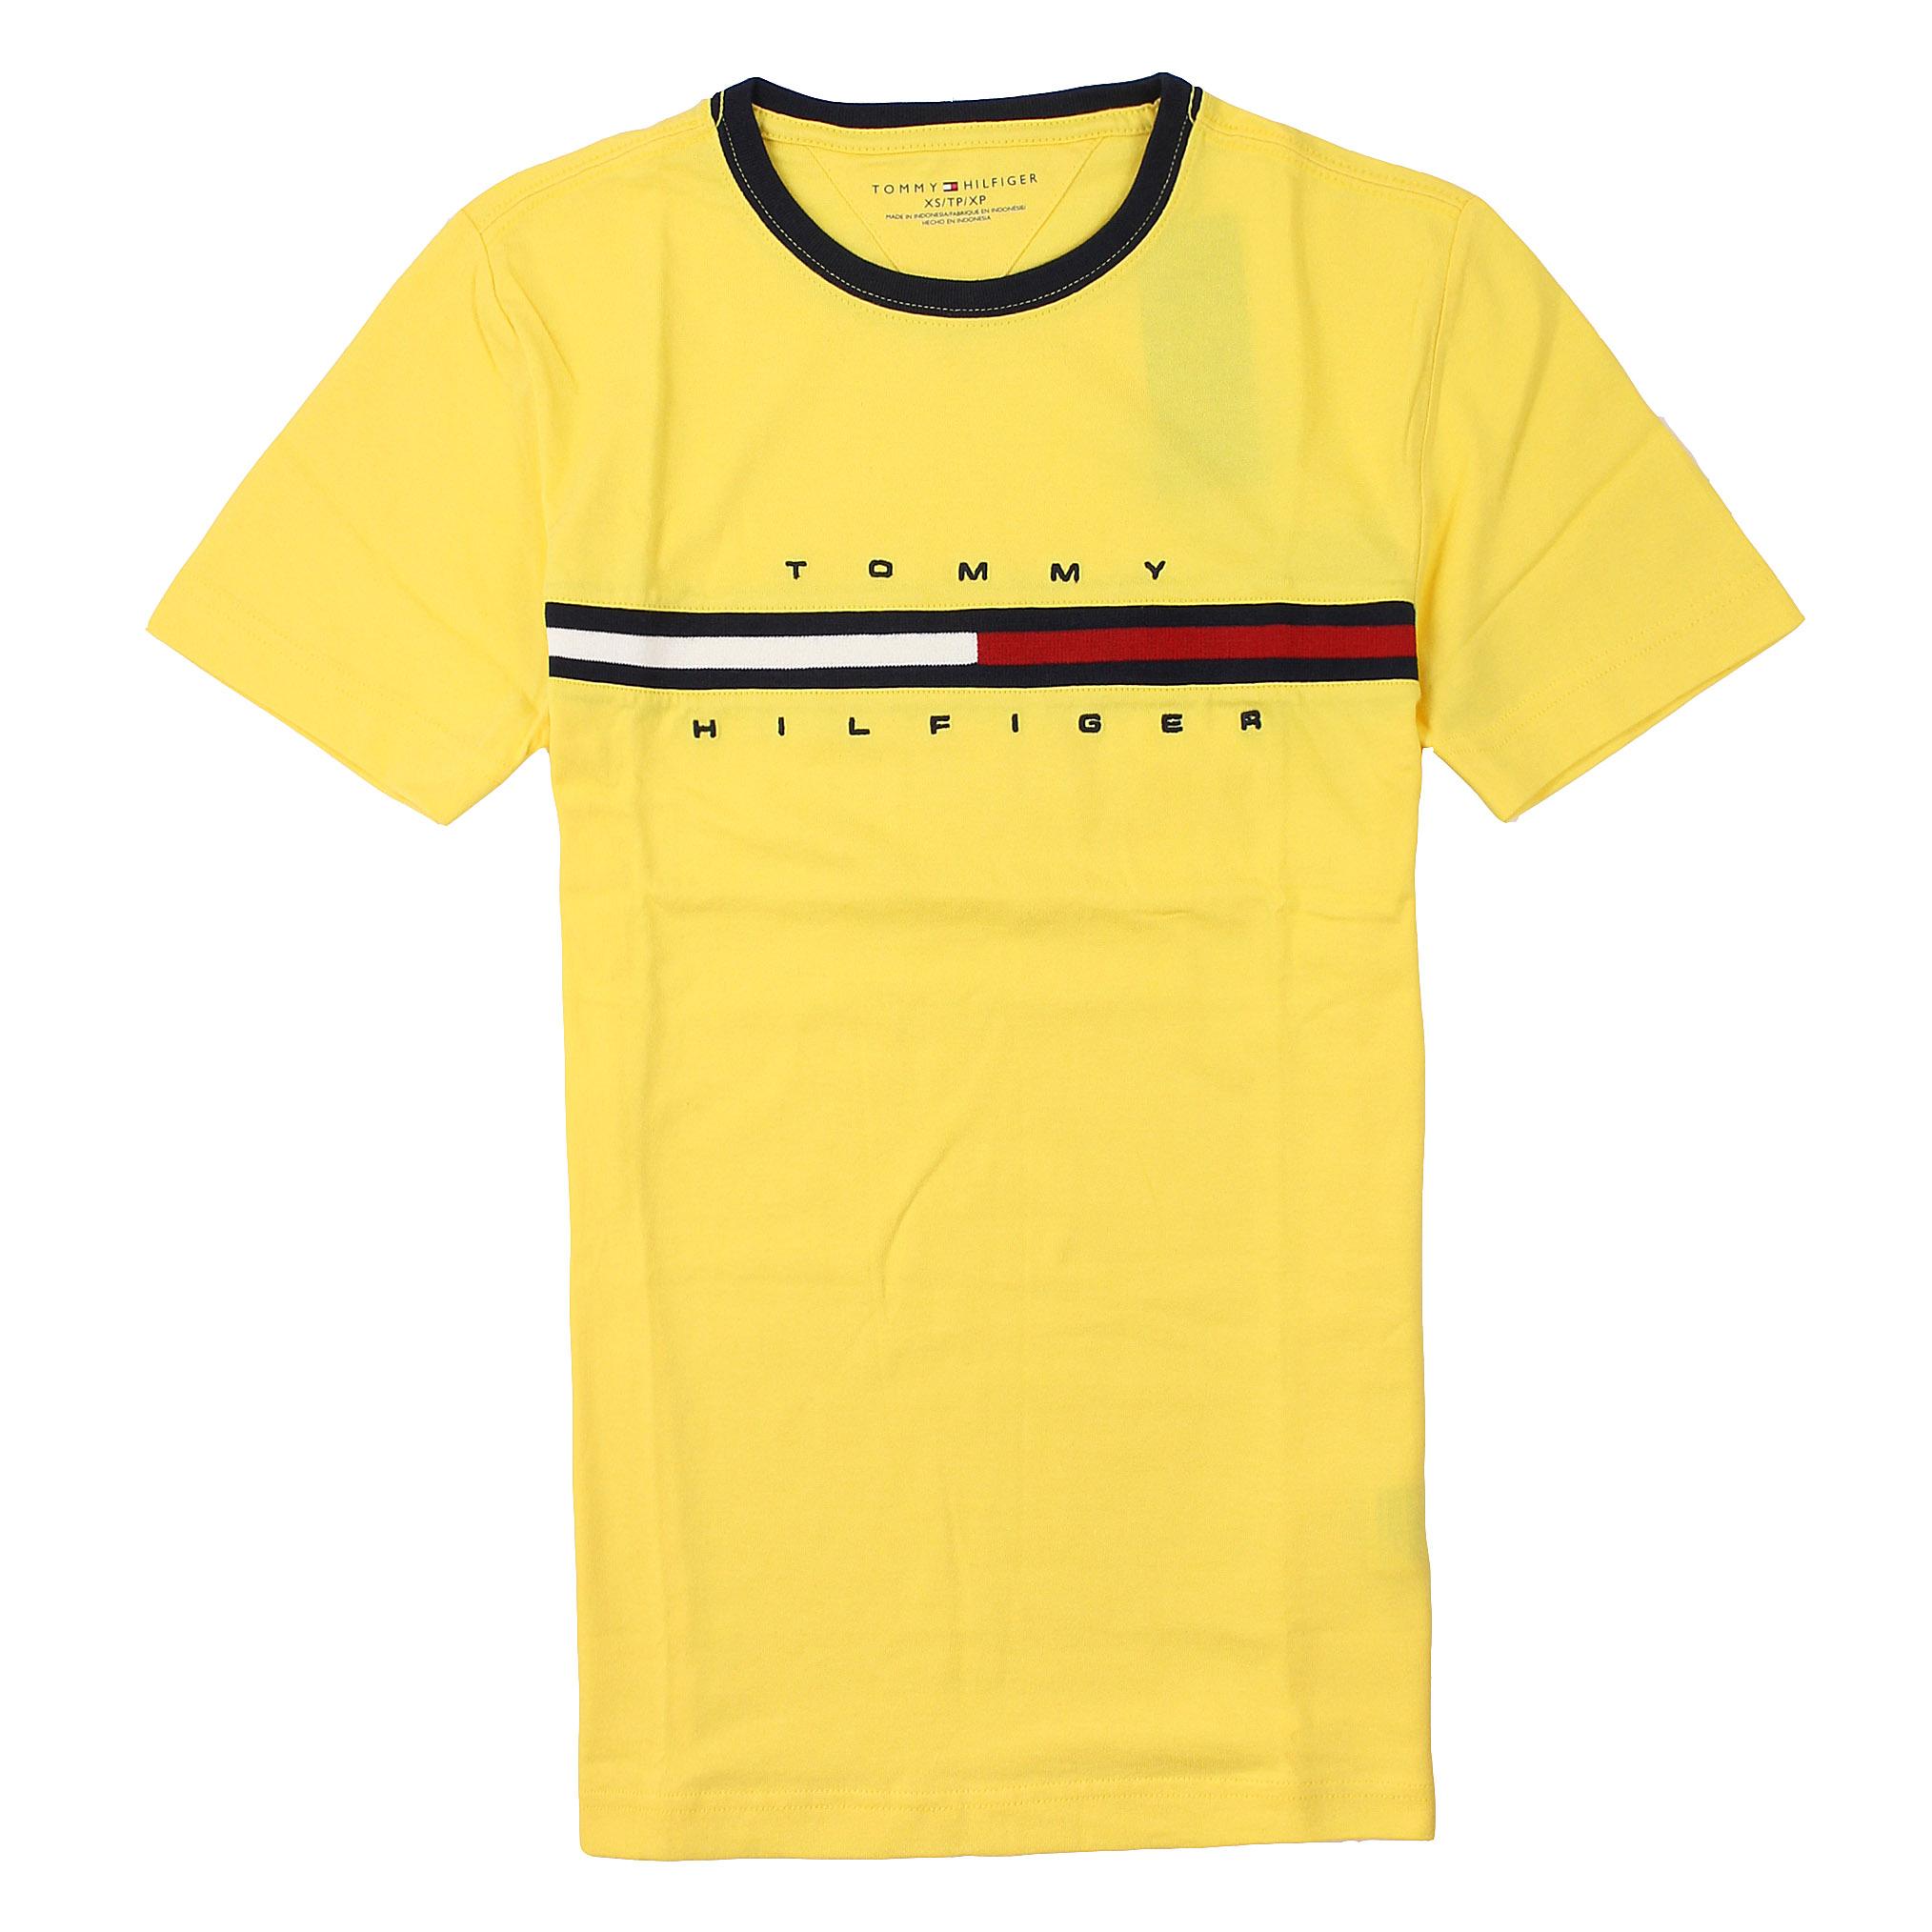 美國百分百【全新真品】Tommy Hilfiger T恤 TH 短袖 T-shirt 上衣 Logo 素面 純棉 黃 男 XS號 A794